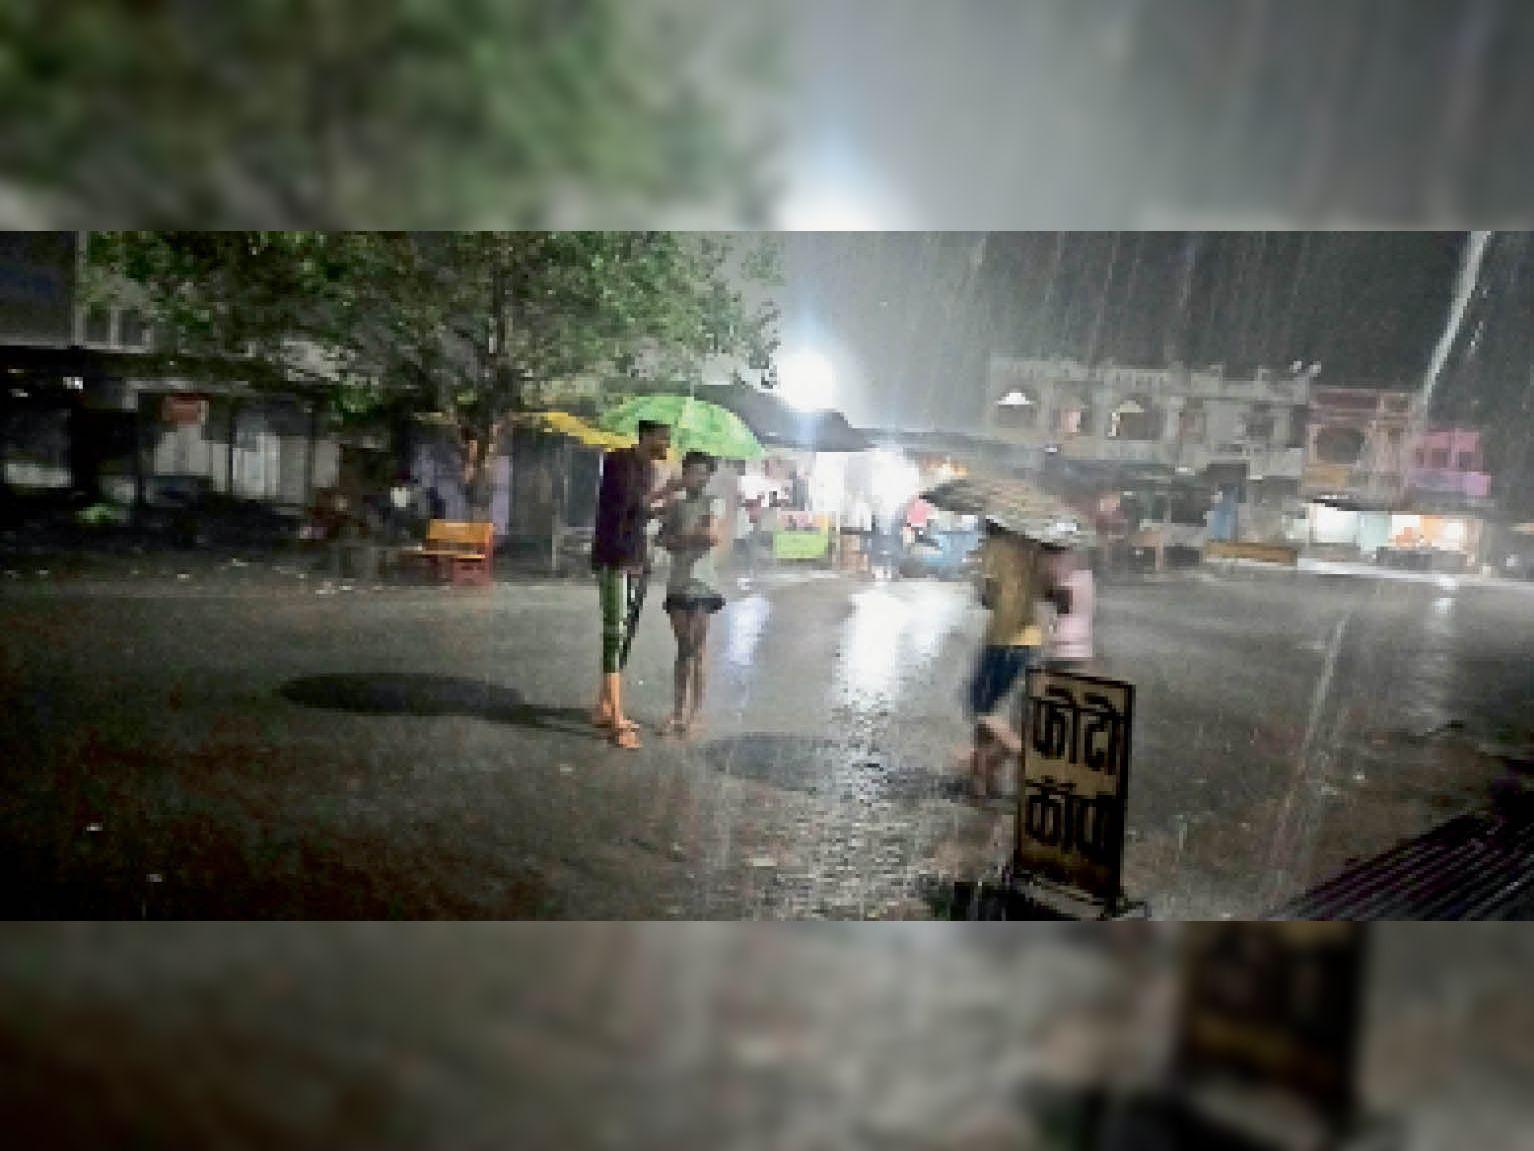 रात 10 बजे से 2 घंटे तक तेज बारिश हुई। - Dainik Bhaskar